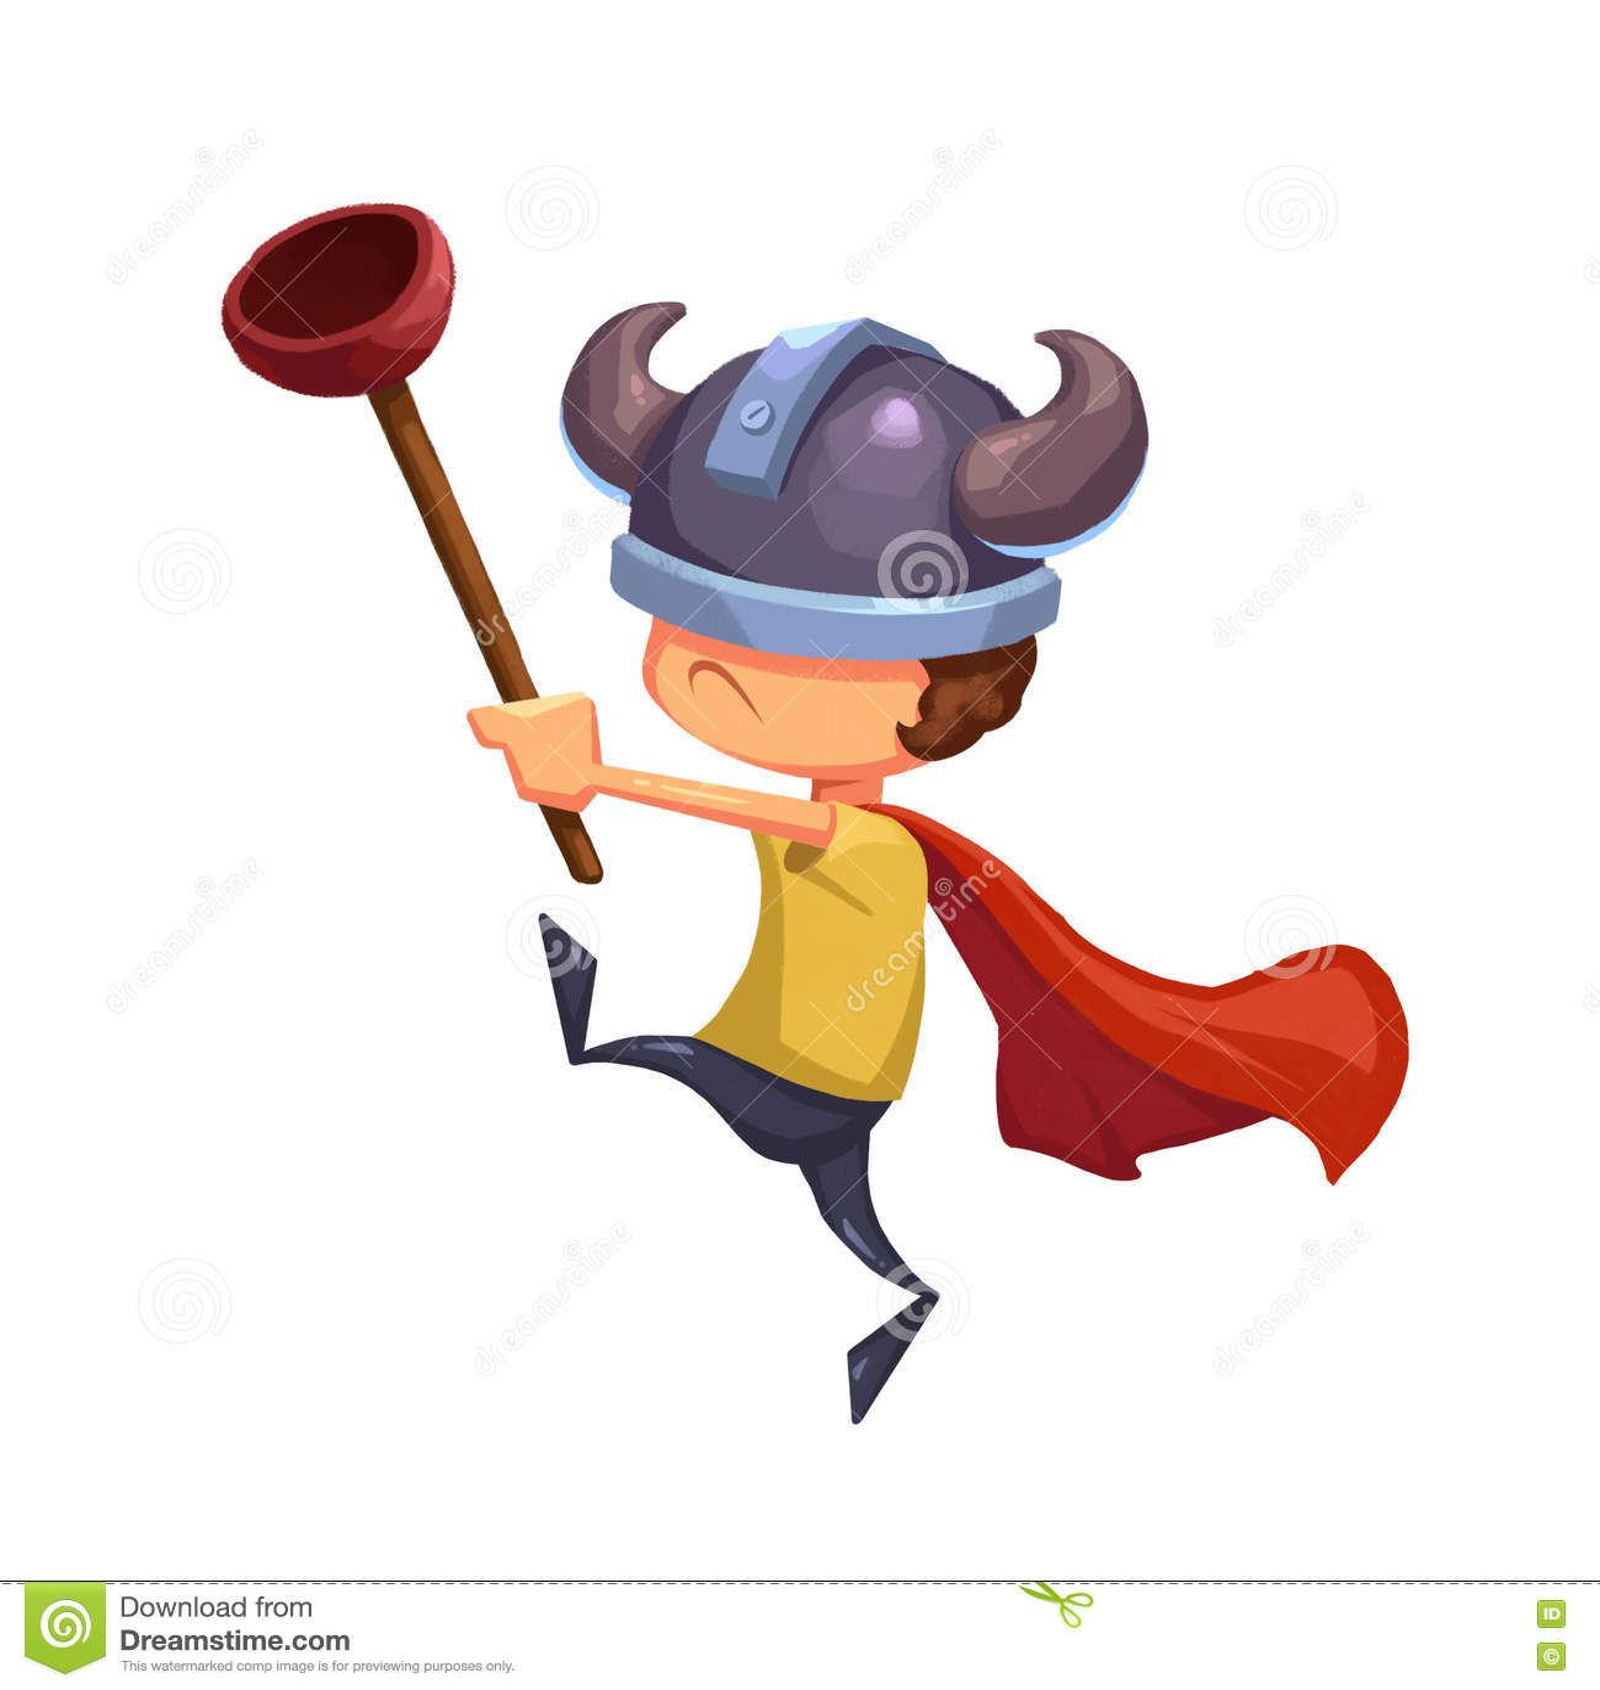 Иллюстрация для детей: Супер герой ребенк с плунжером туалета и шляпой Викинга